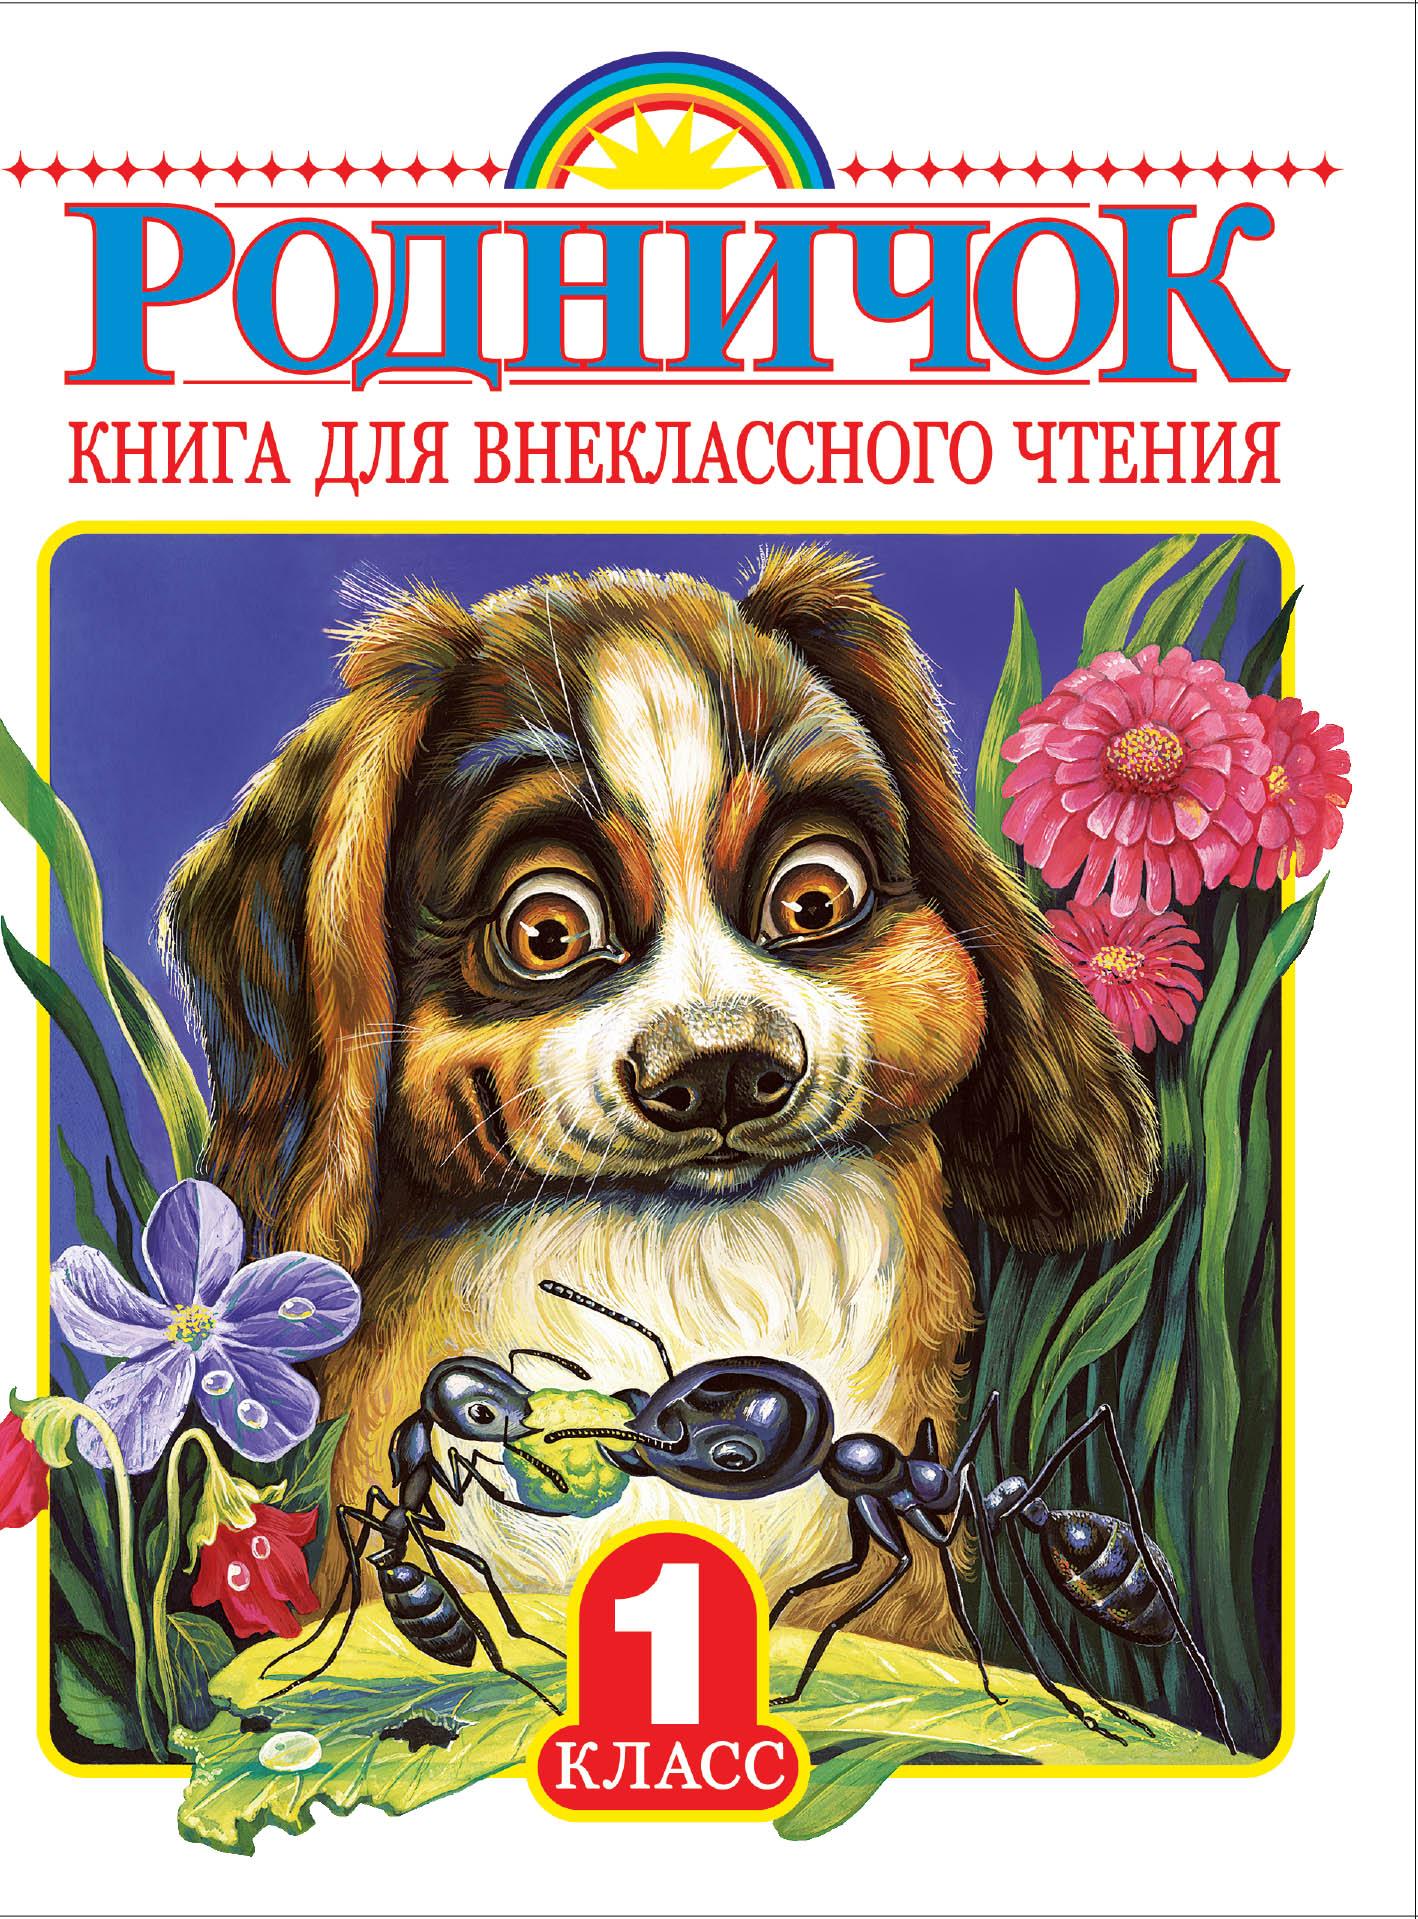 Купить Родничок. книга для Внеклассного Чтения В 1 классе, АСТ, Рассказы и повести